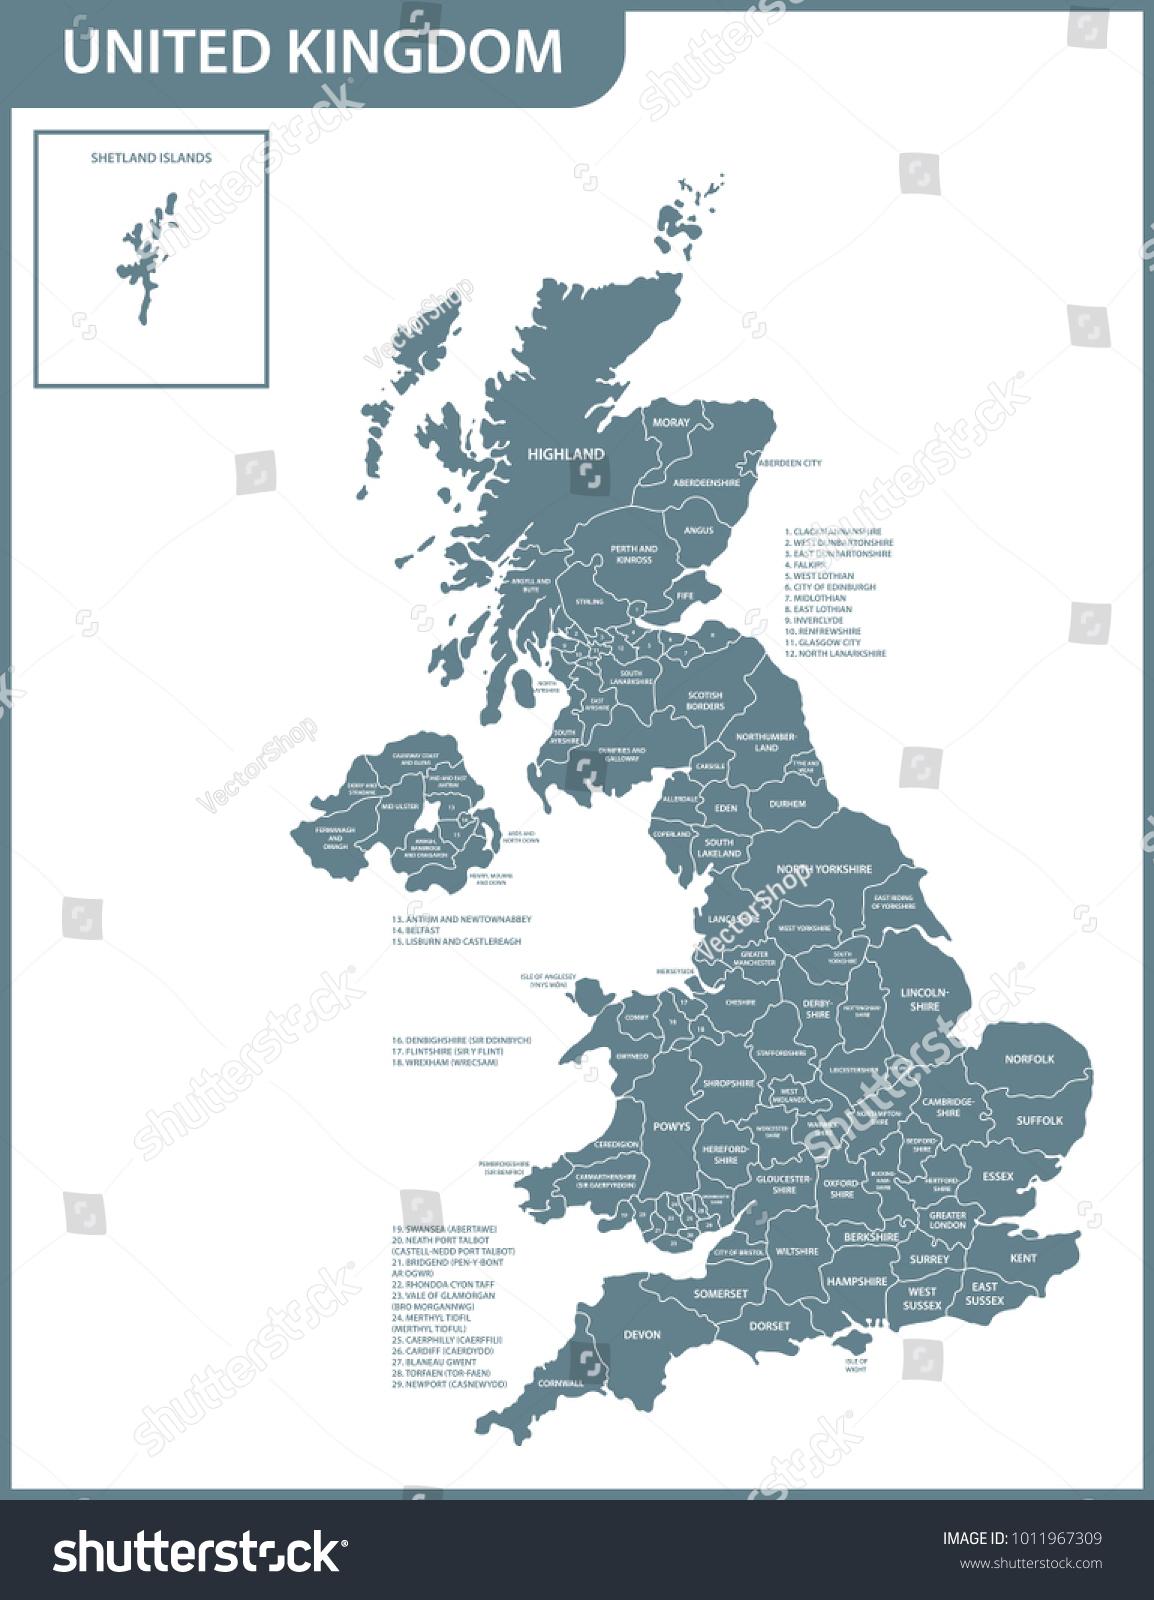 Image Vectorielle De Stock De Carte Détaillée Du Royaume-Uni à Carte Des 22 Régions